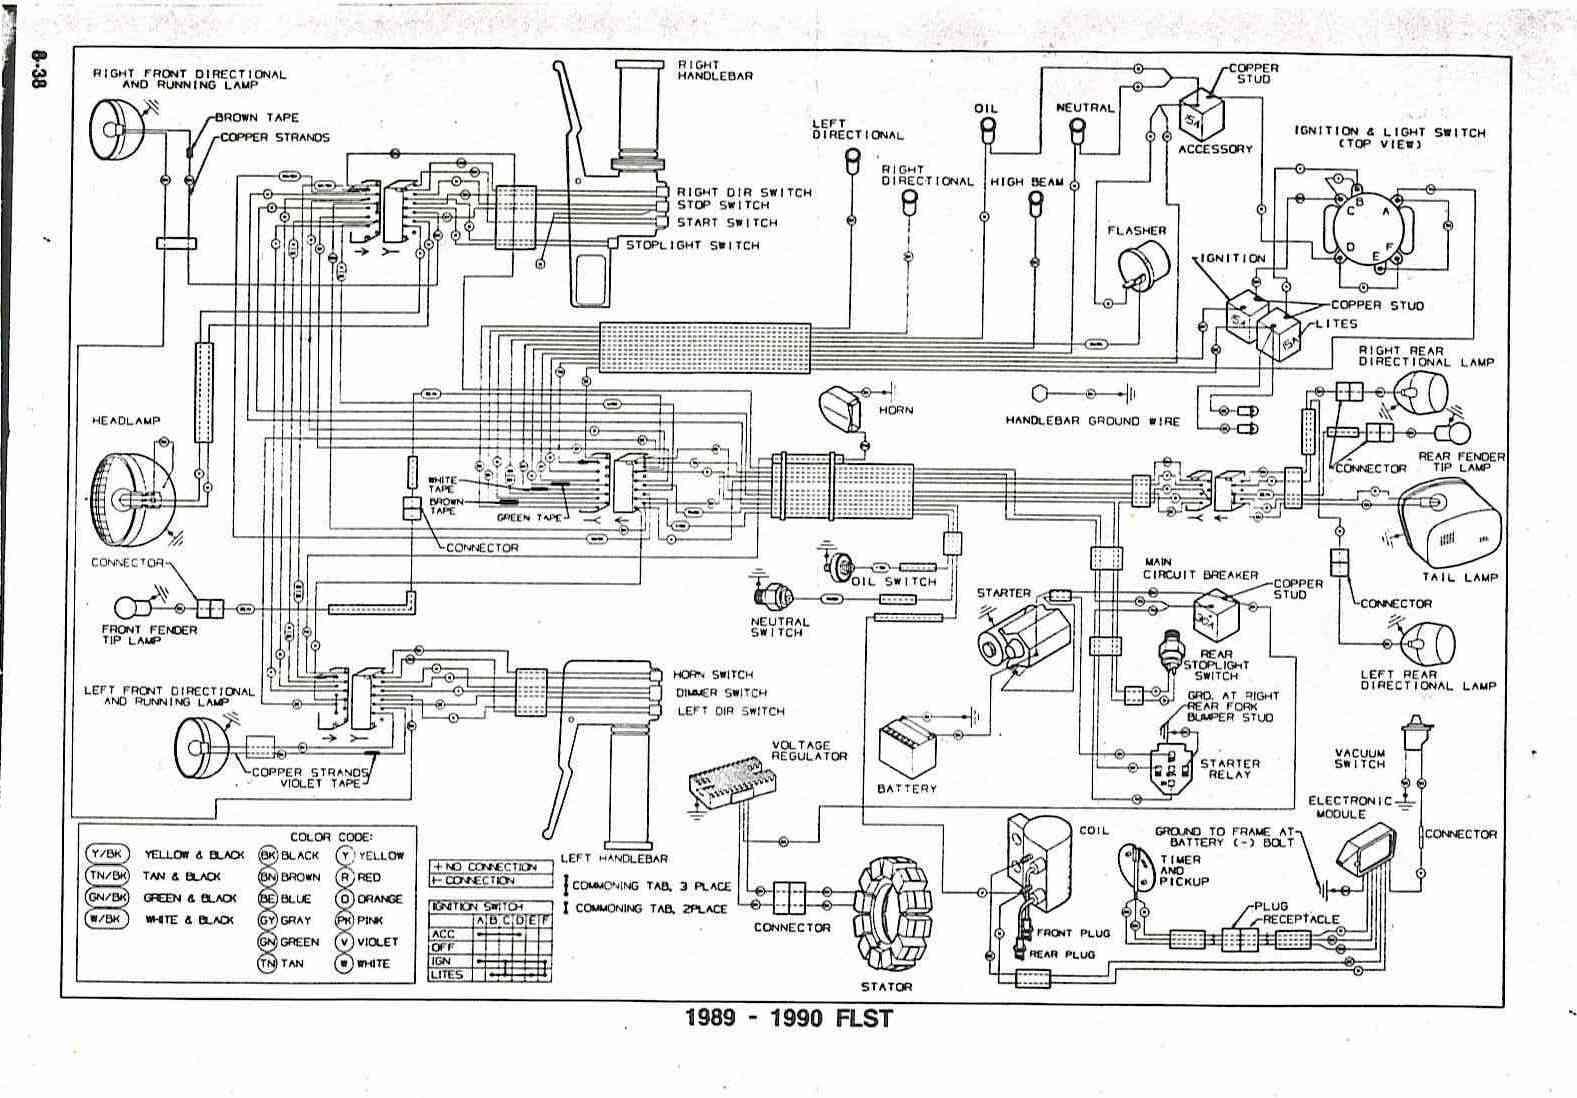 1978 Harley Davidson Golf Cart Wiring Diagram